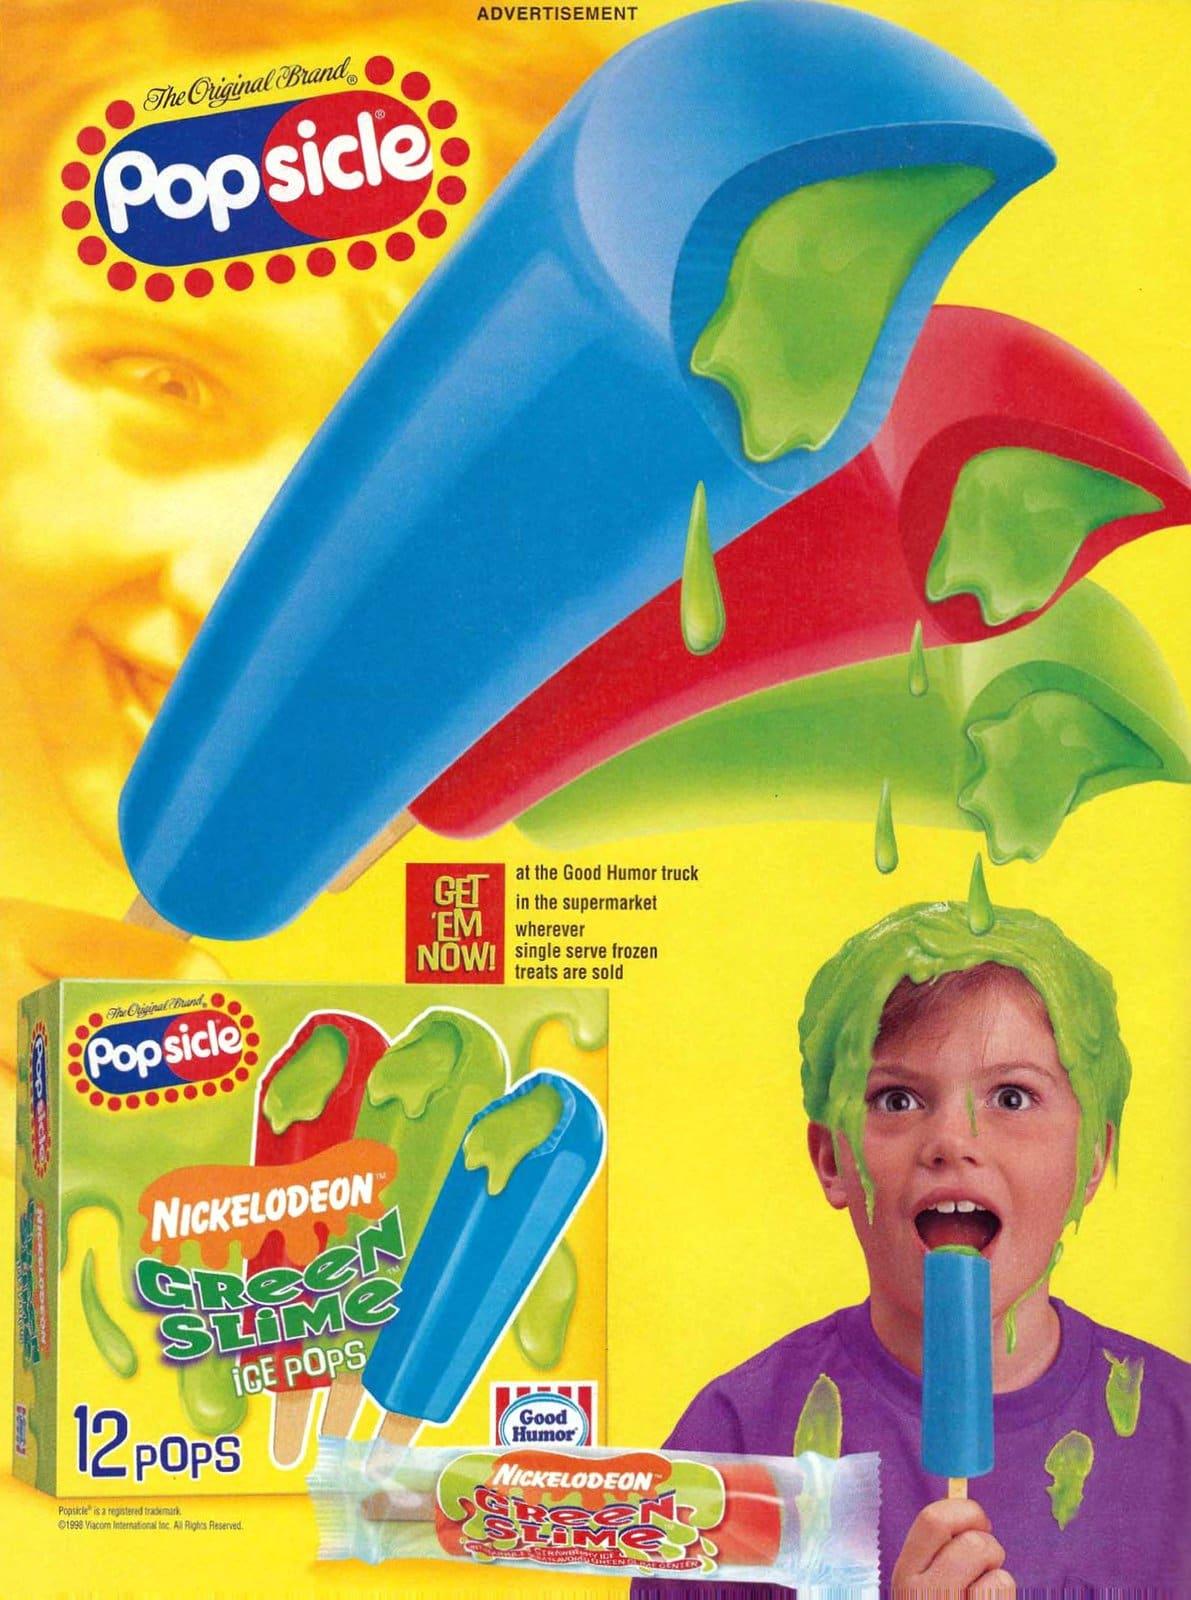 Retro nineties Nickelodeon green slime popsicles (1998)